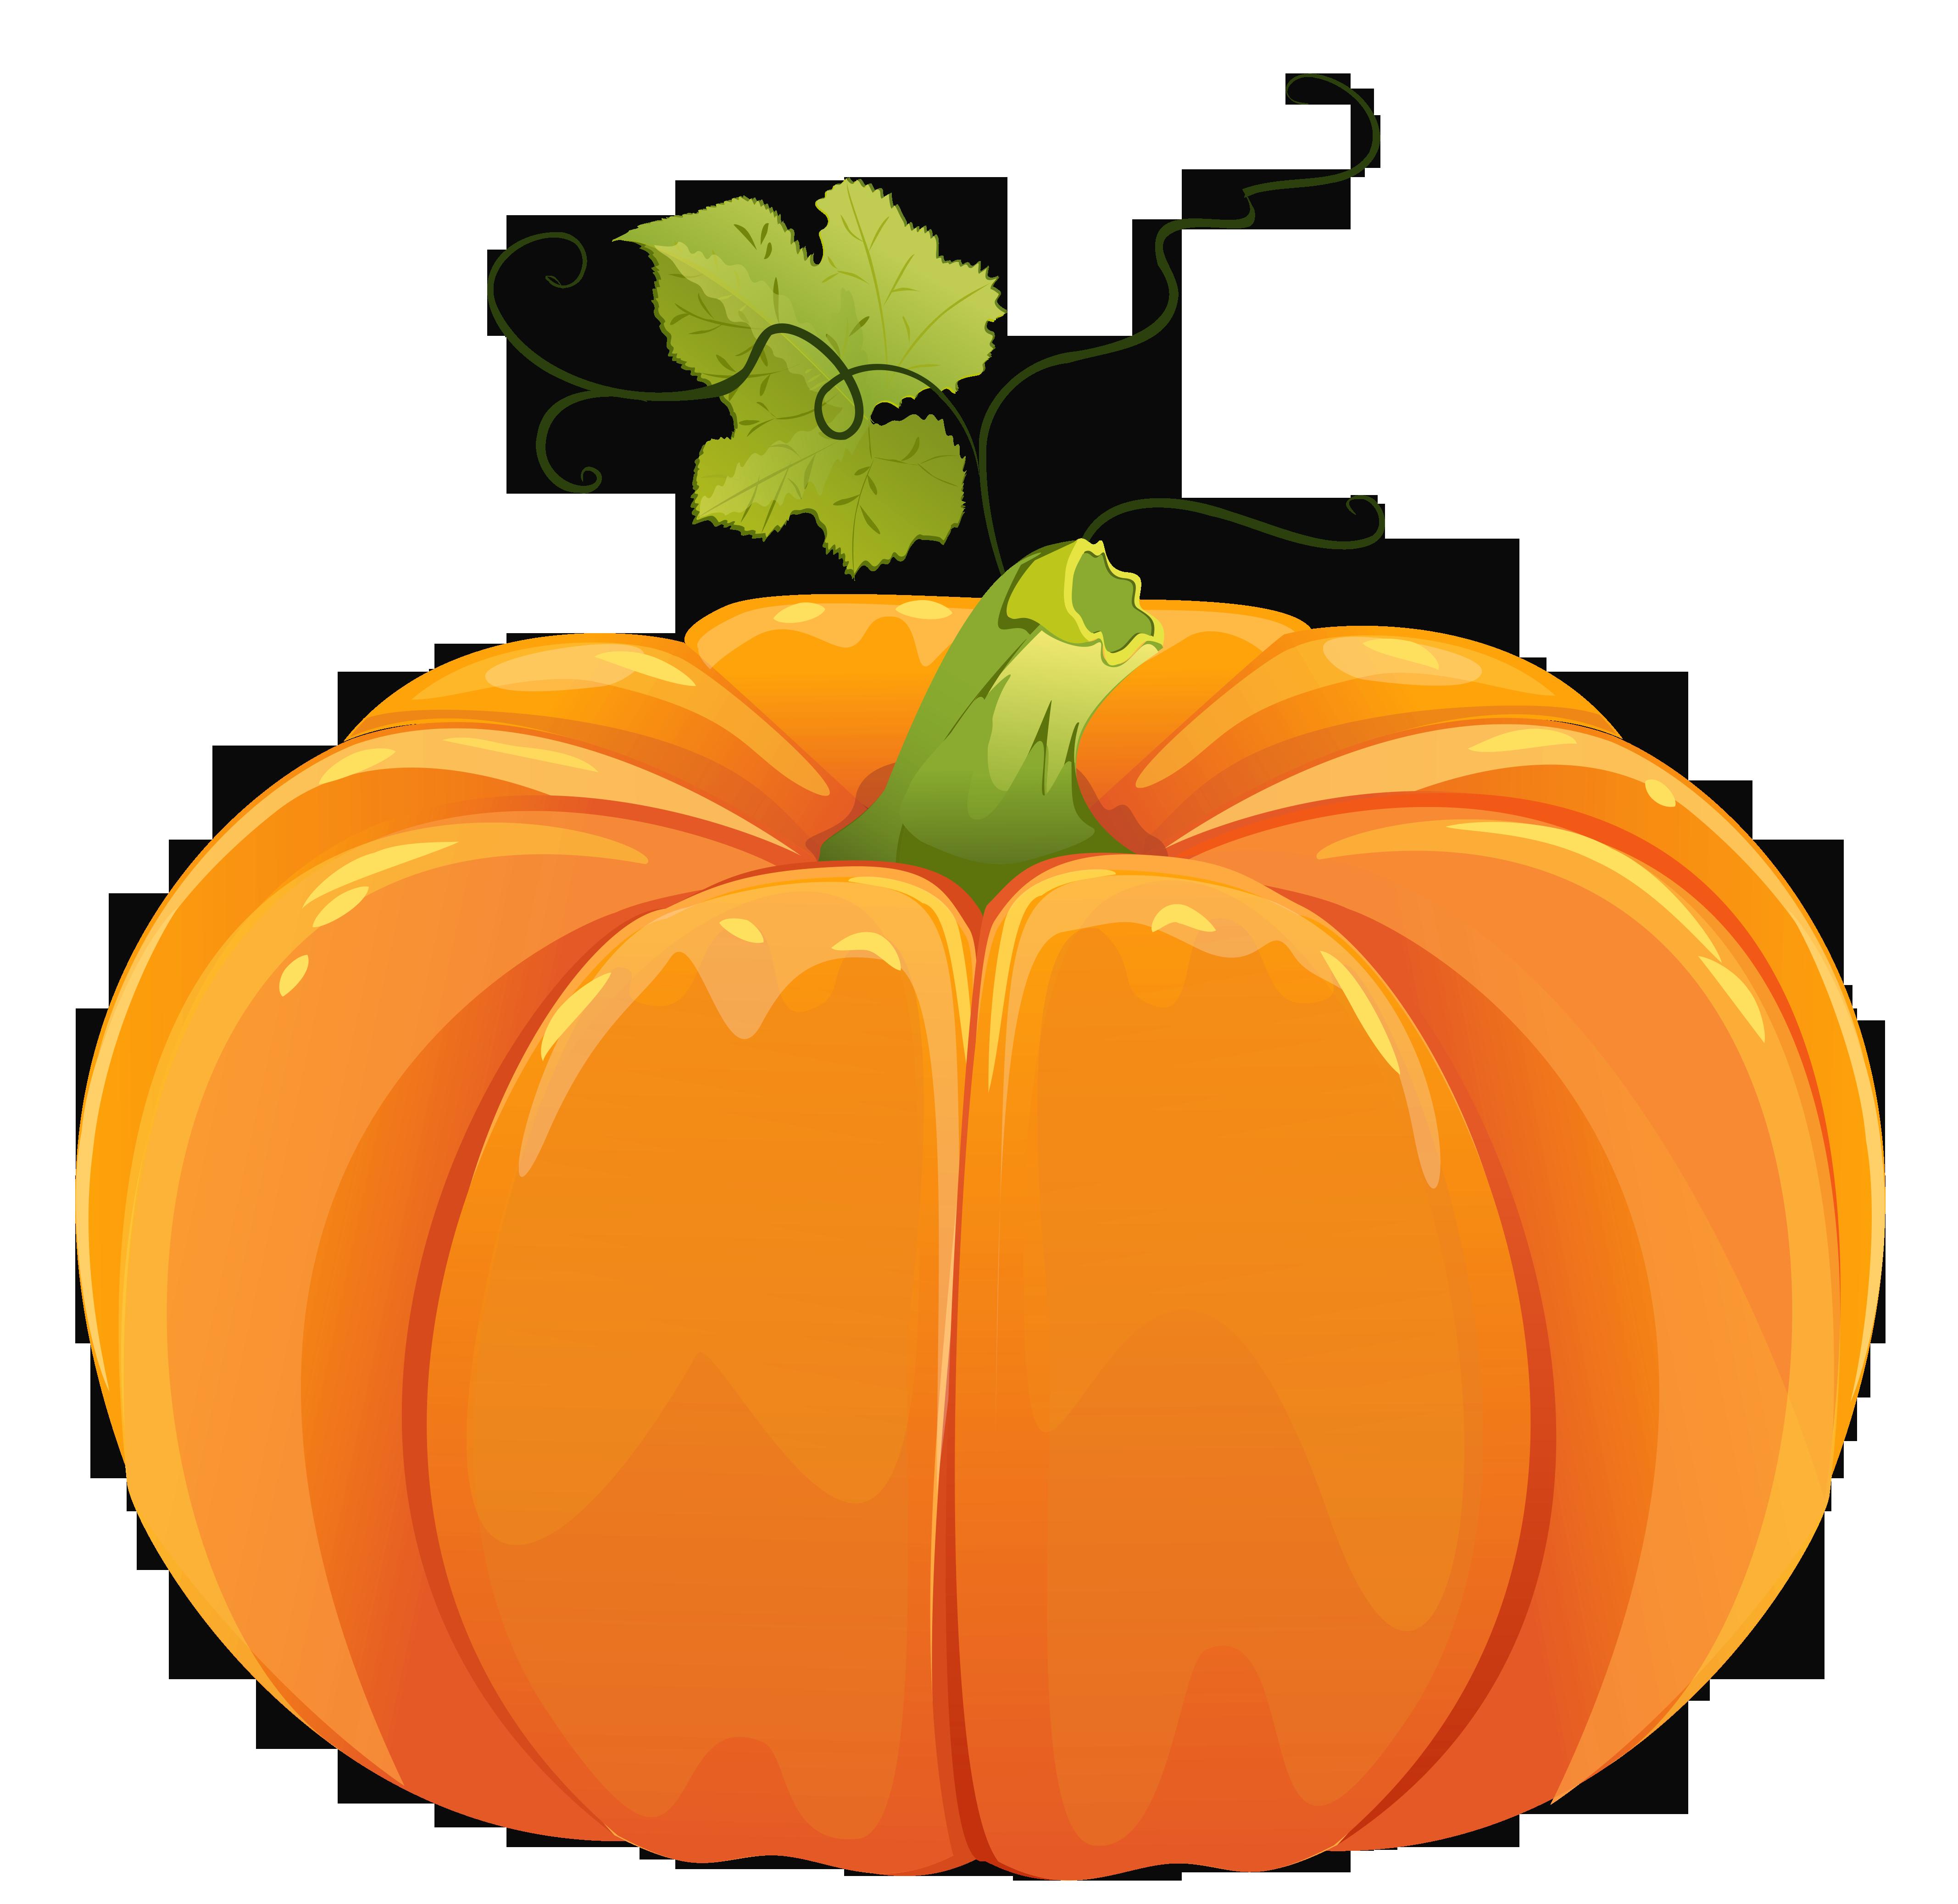 4268x4150 Pumpkin Clip Art Free Many Interesting Cliparts